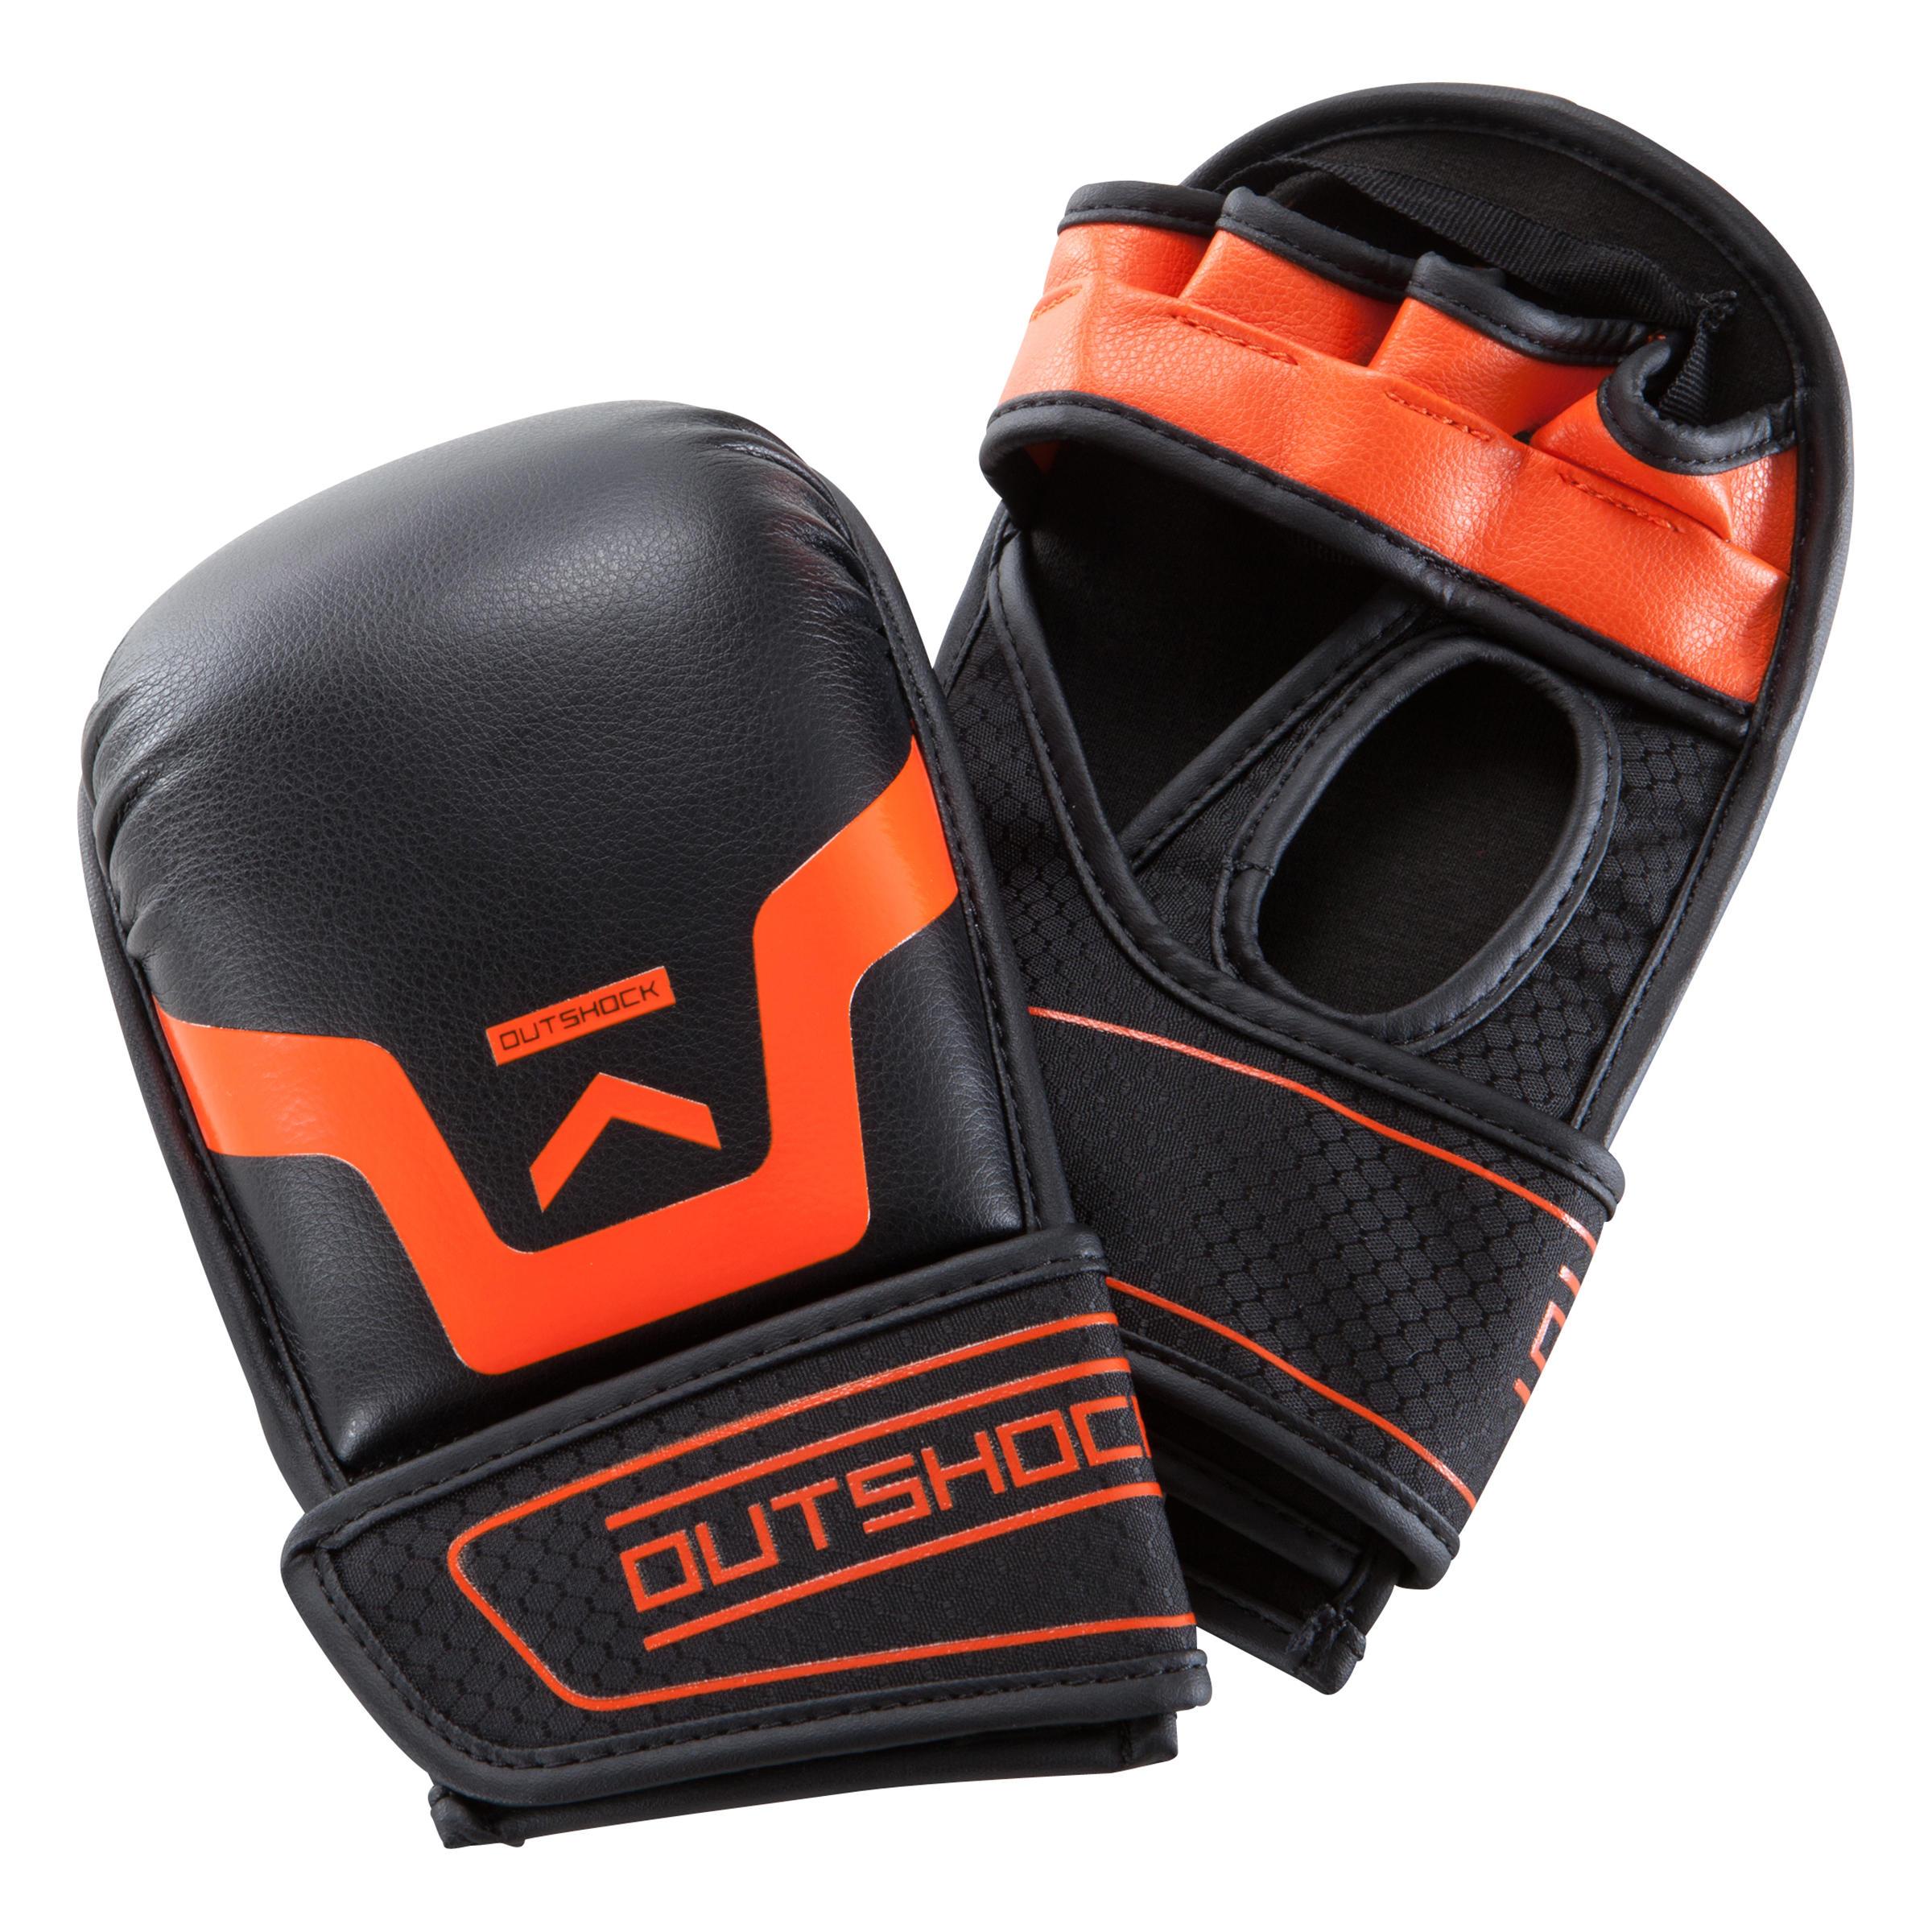 Outshock Handschoenen Self Defense 500